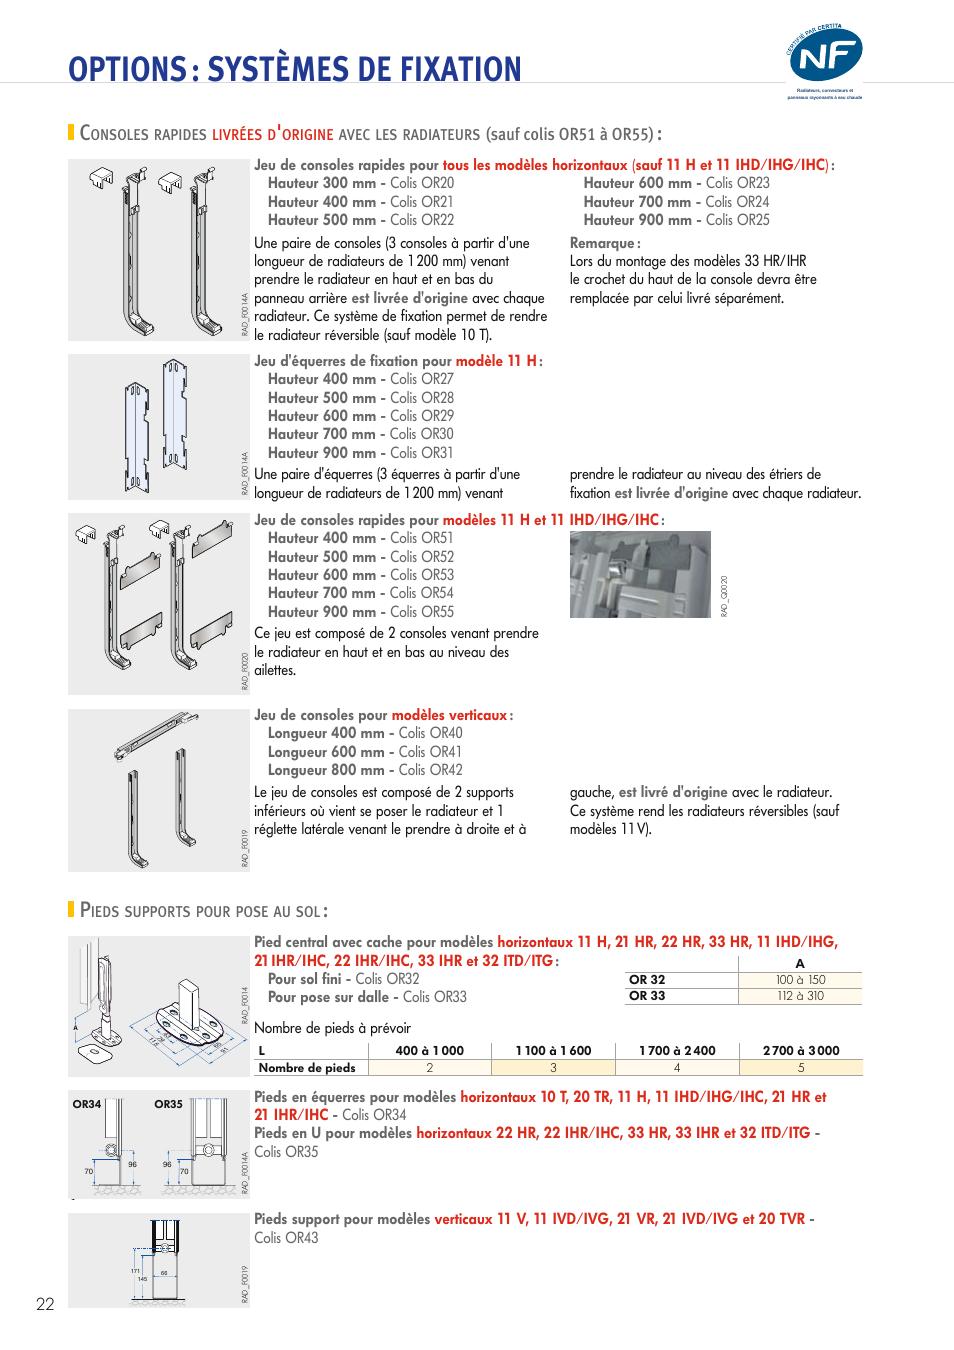 Radiateur artis cheap radiateur panneau acier acova - Radiateur de dietrich ...